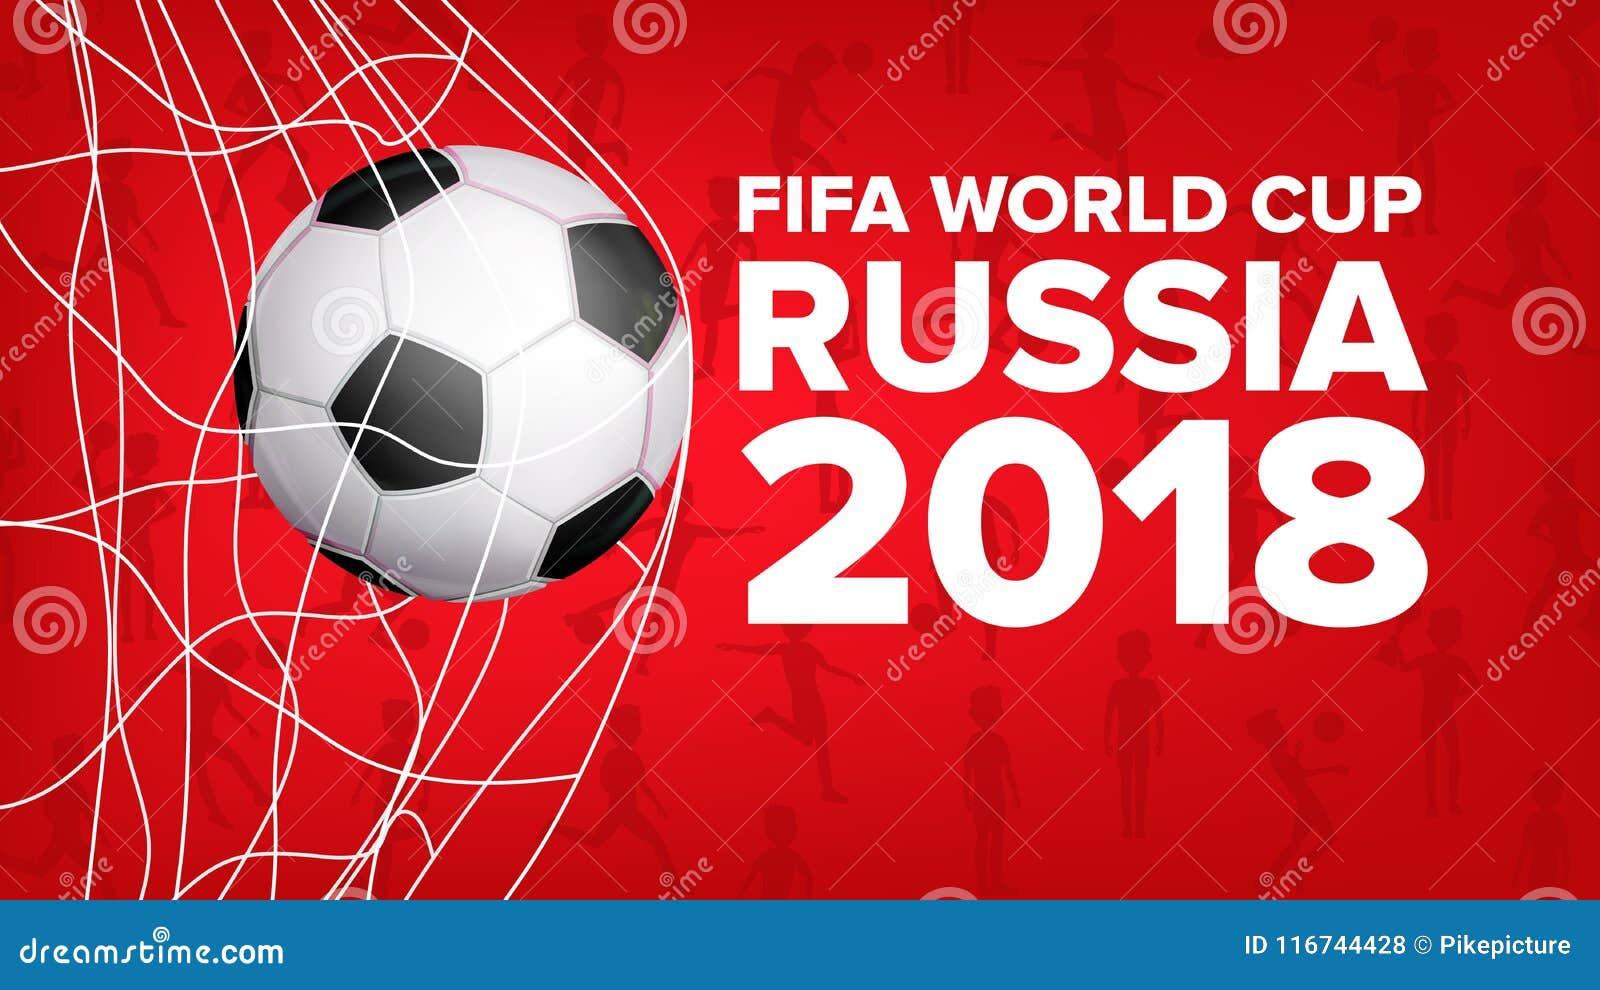 Fussball Weltmeisterschafts Fahnen Vektor 2018 Russland